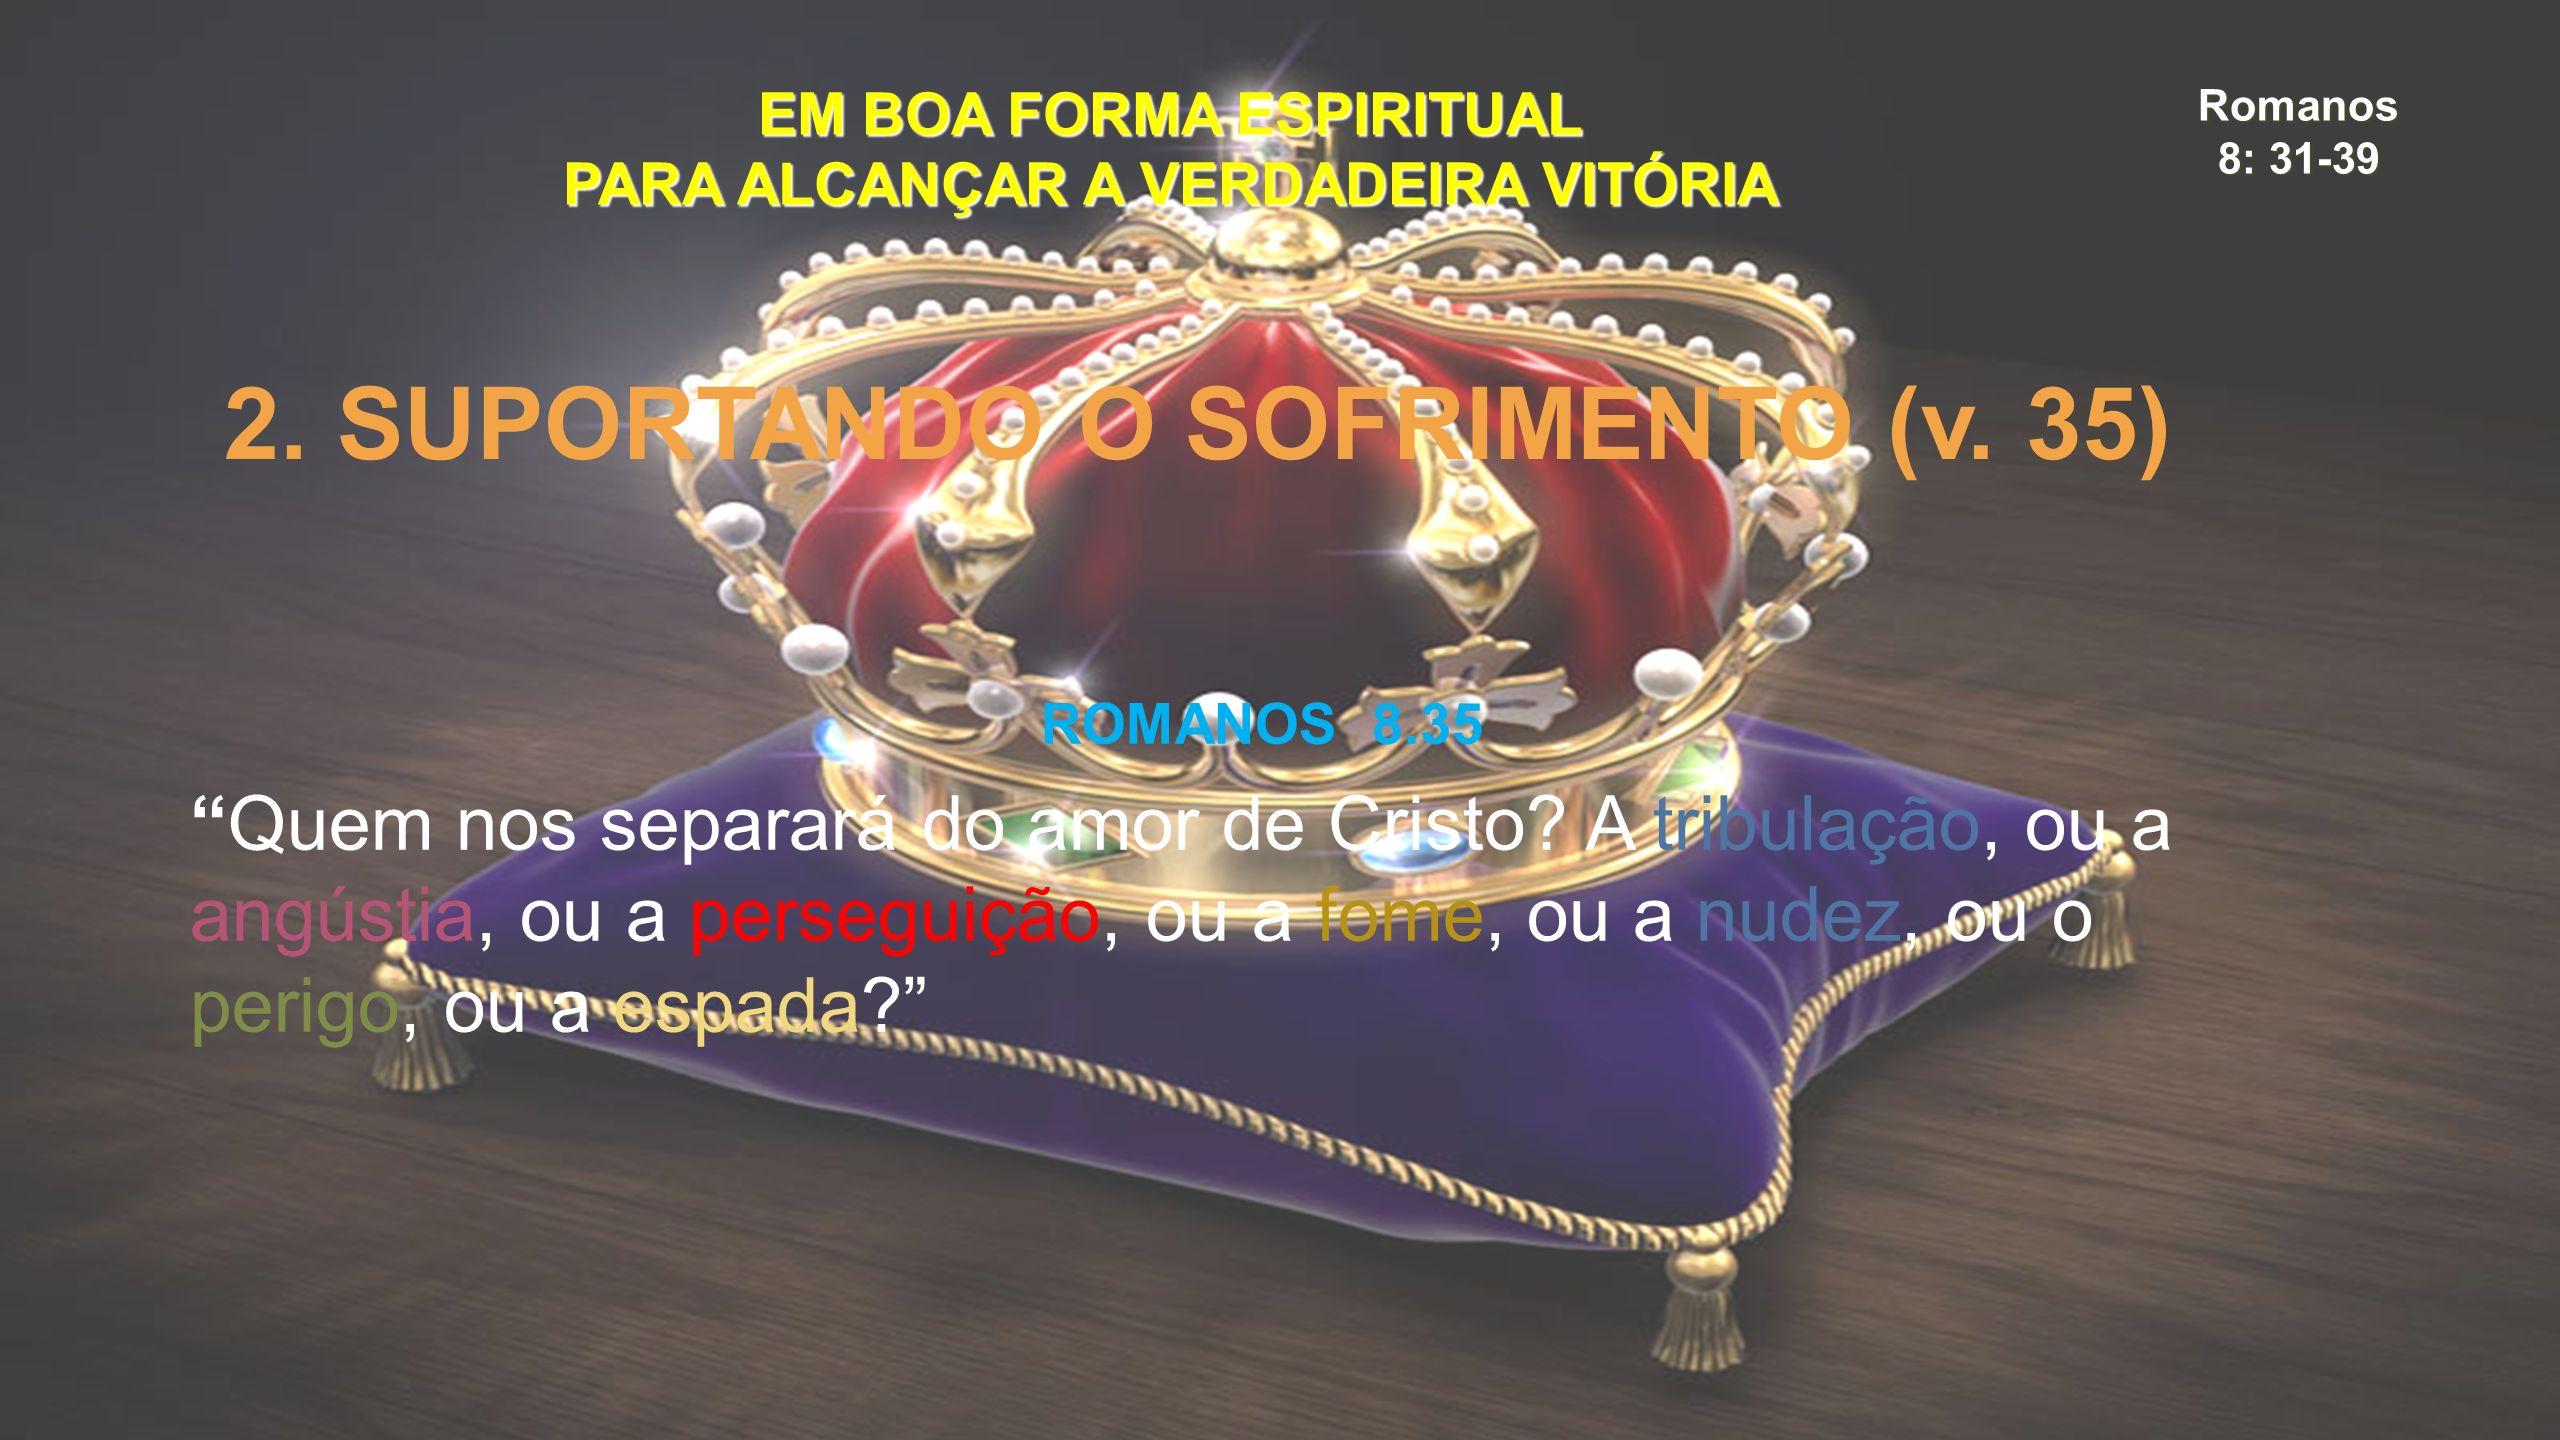 """Romanos 8: 31-39 EM BOA FORMA ESPIRITUAL PARA ALCANÇAR A VERDADEIRA VITÓRIA 2. SUPORTANDO O SOFRIMENTO (v. 35) ROMANOS 8.35 """"Quem nos separará do amor"""